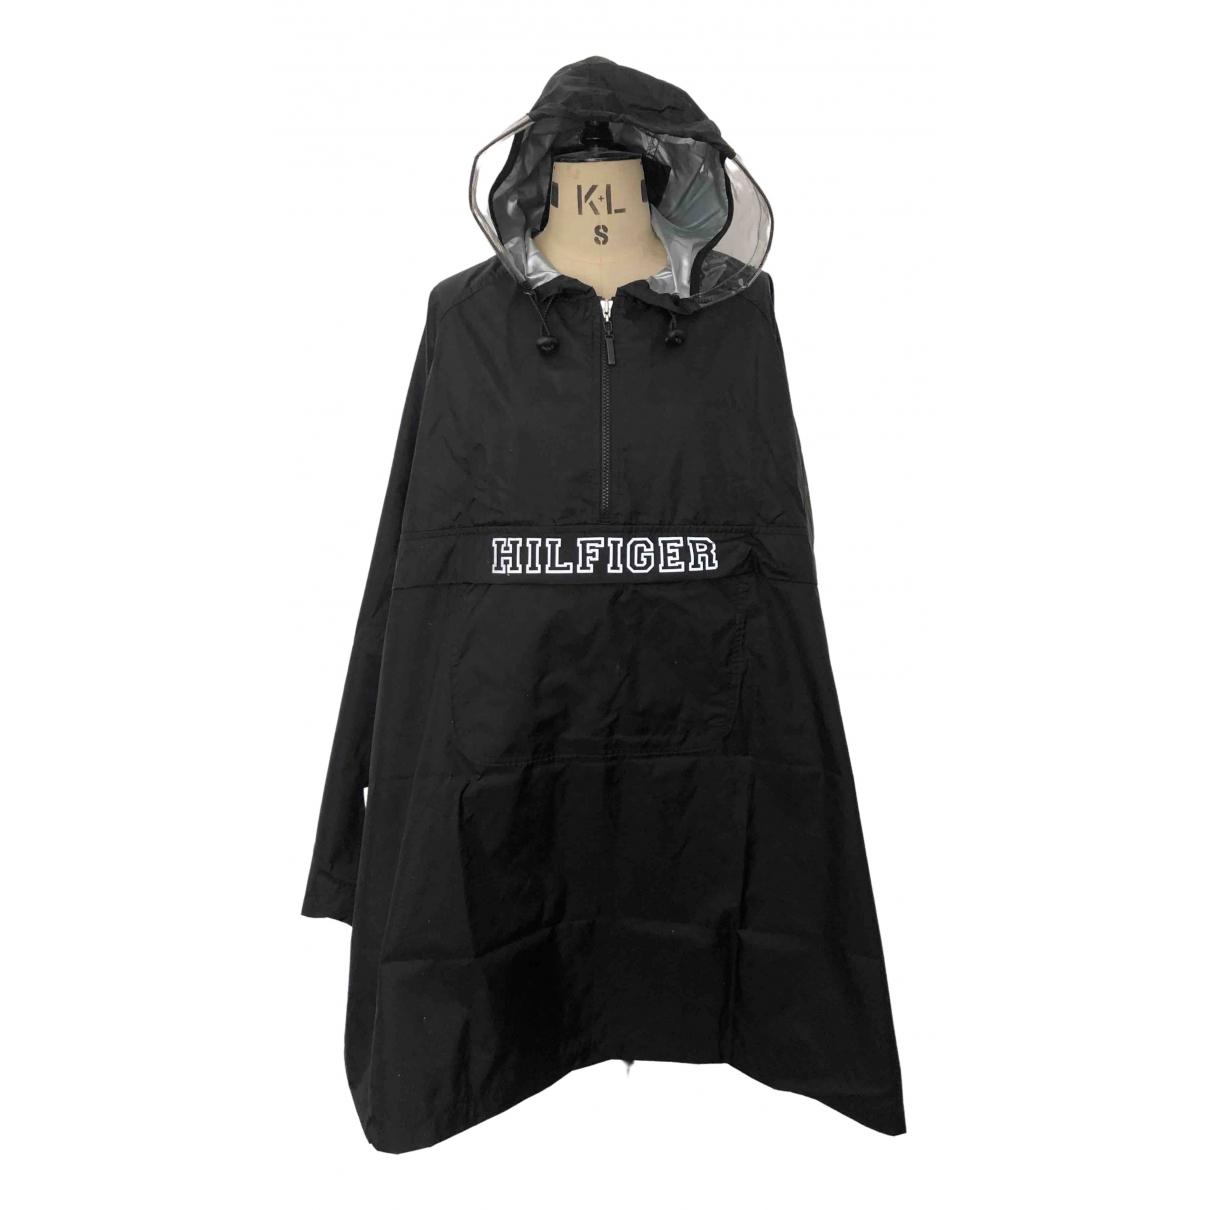 Tommy Hilfiger \N Black coat  for Men XL International